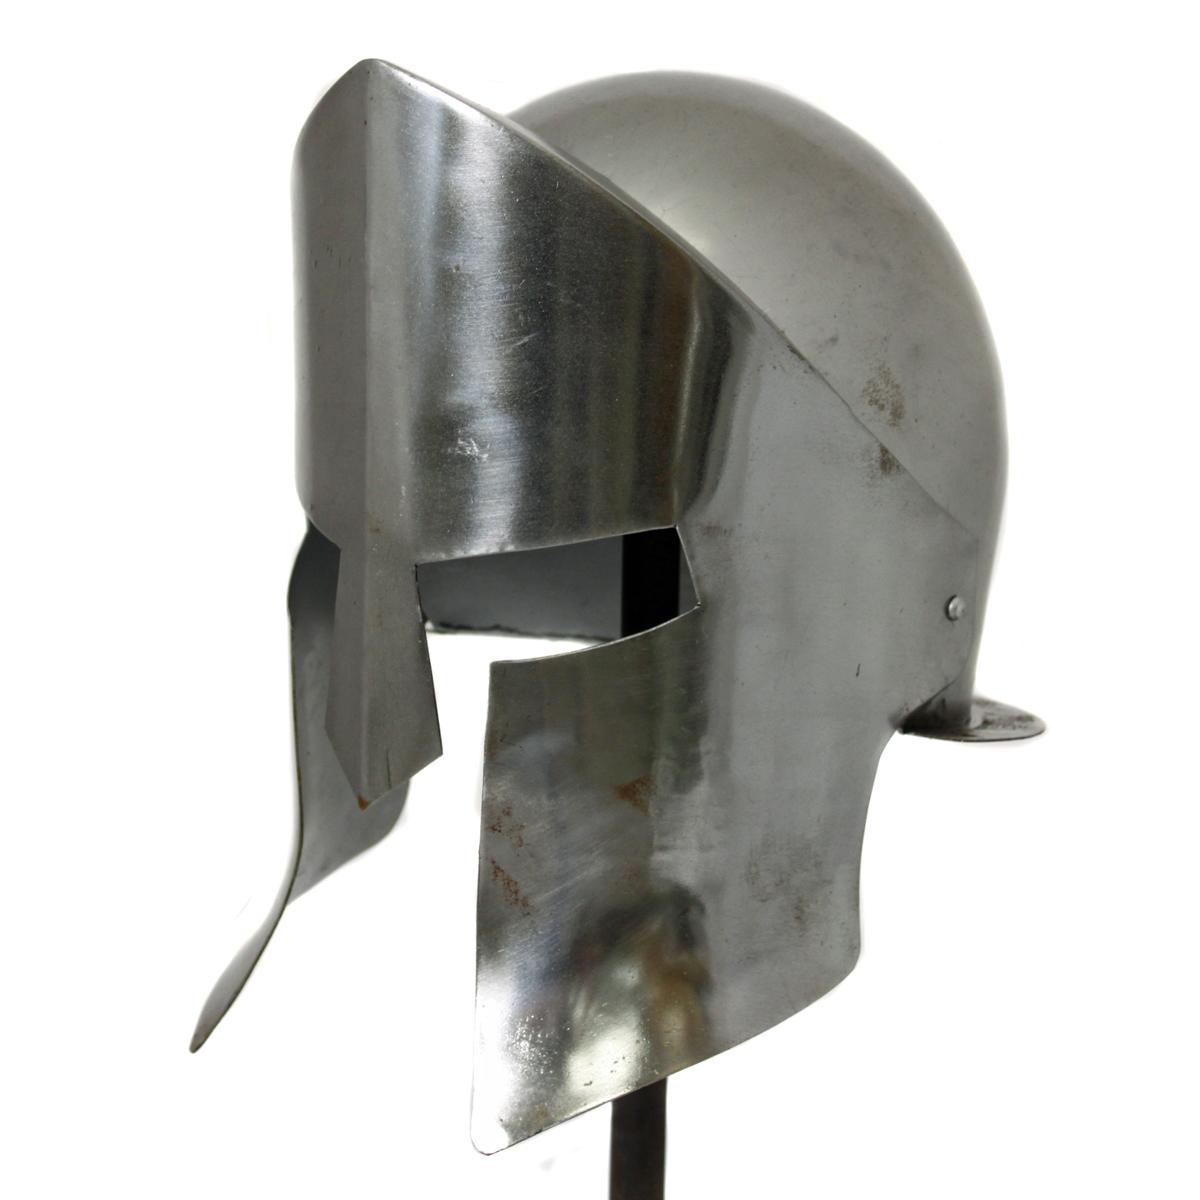 Antique Replica Armor Spartan Helmet - Chrome   eBay